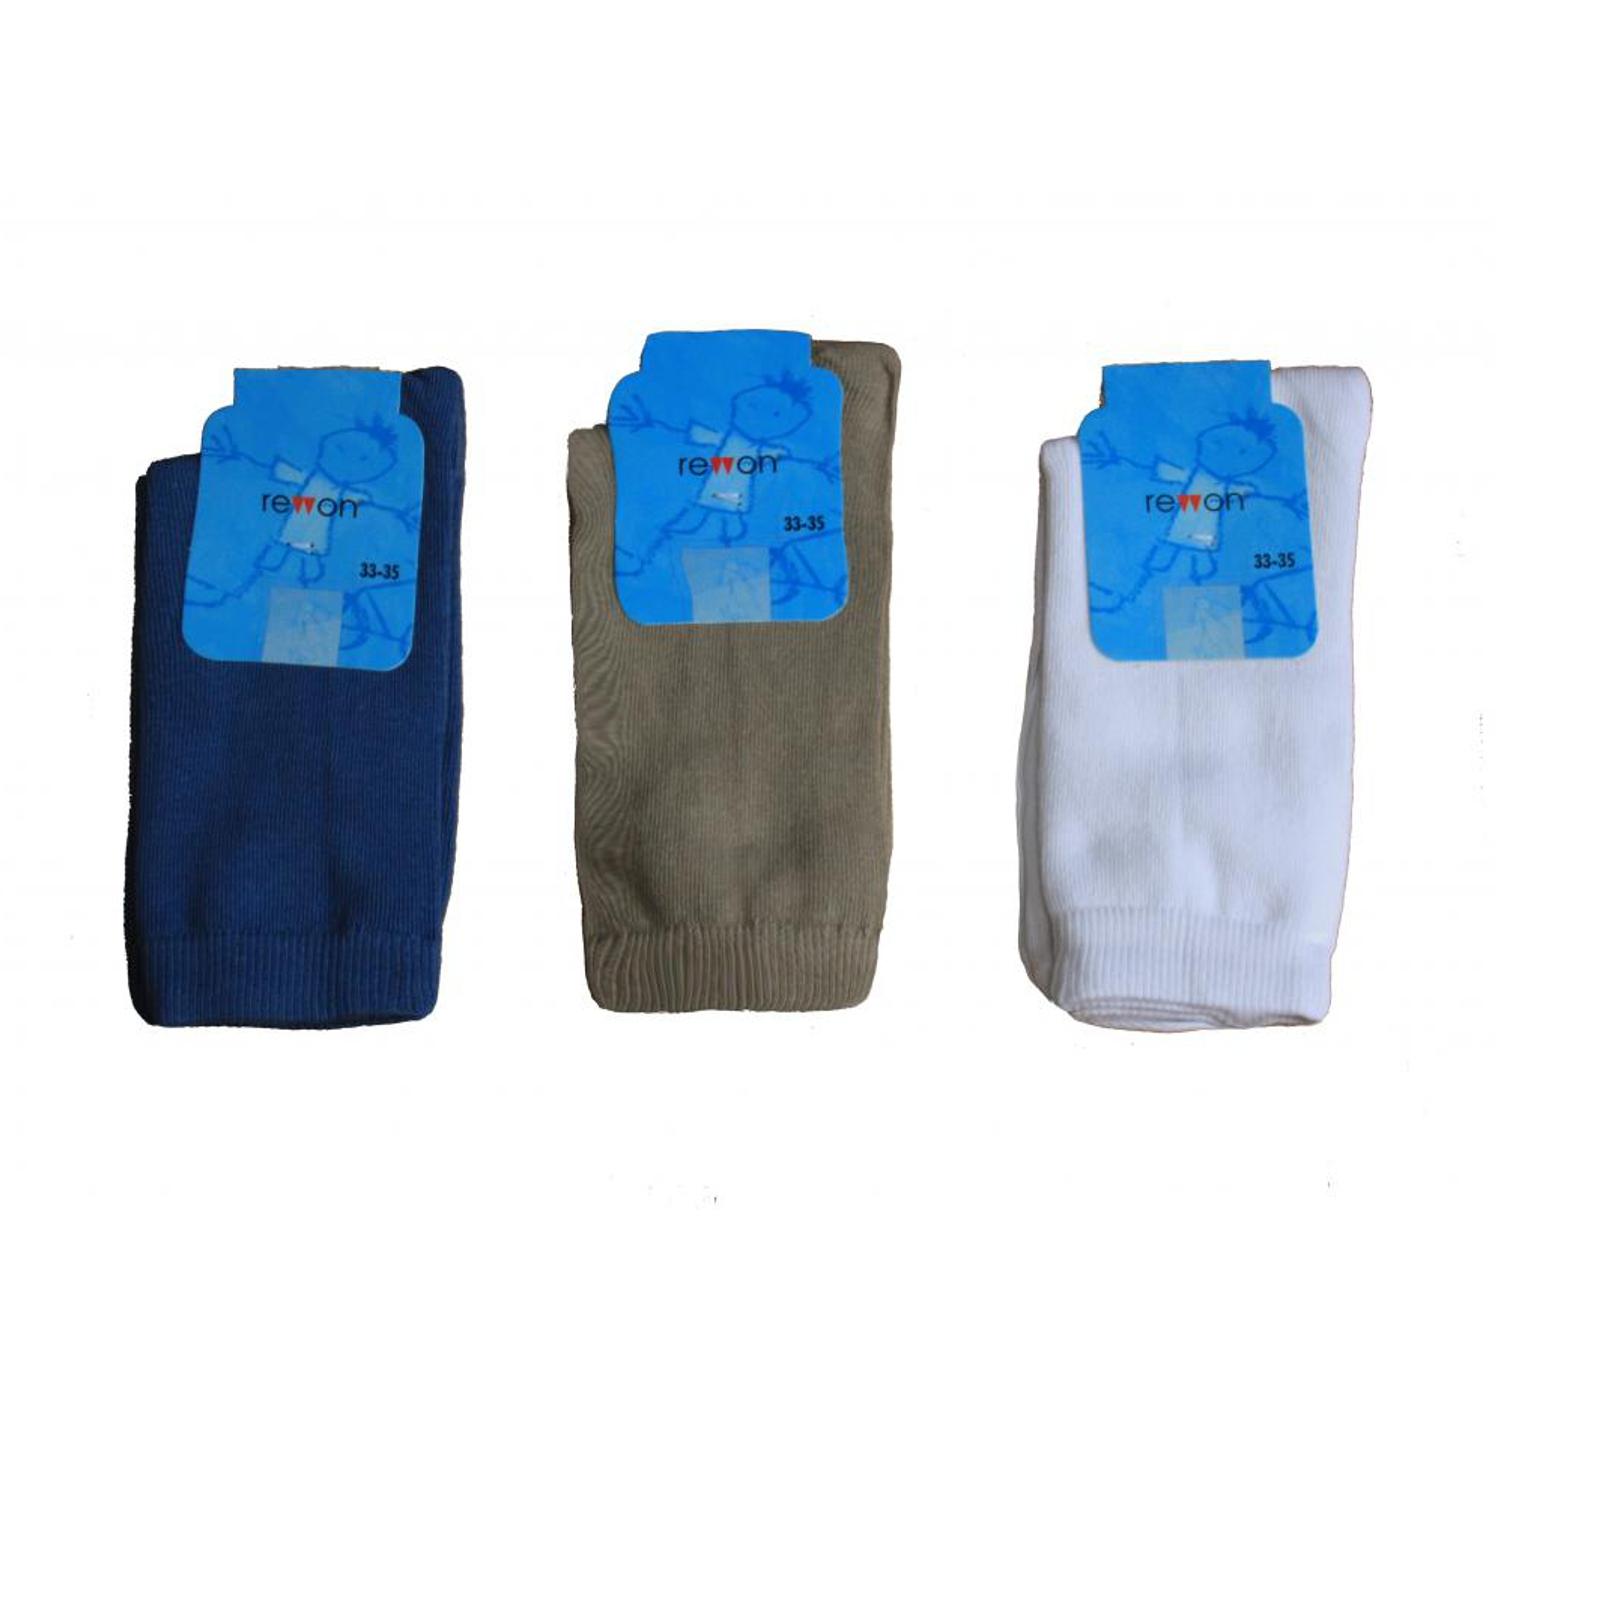 Носки Rewon гладкие размер 9-10 см